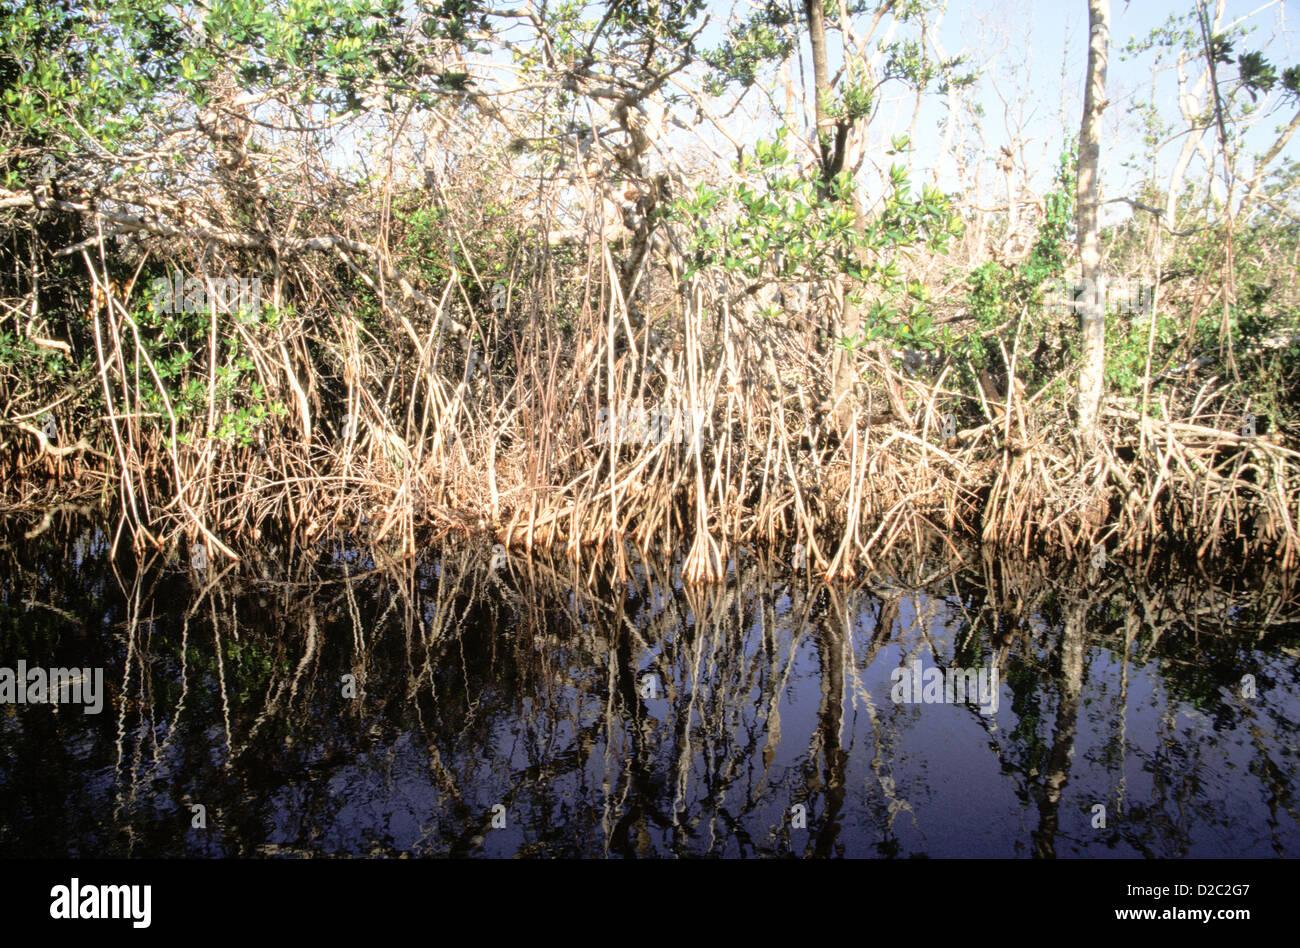 Florida. Ding Darling National Wildlife Refuge. Mangrove Forest. - Stock Image